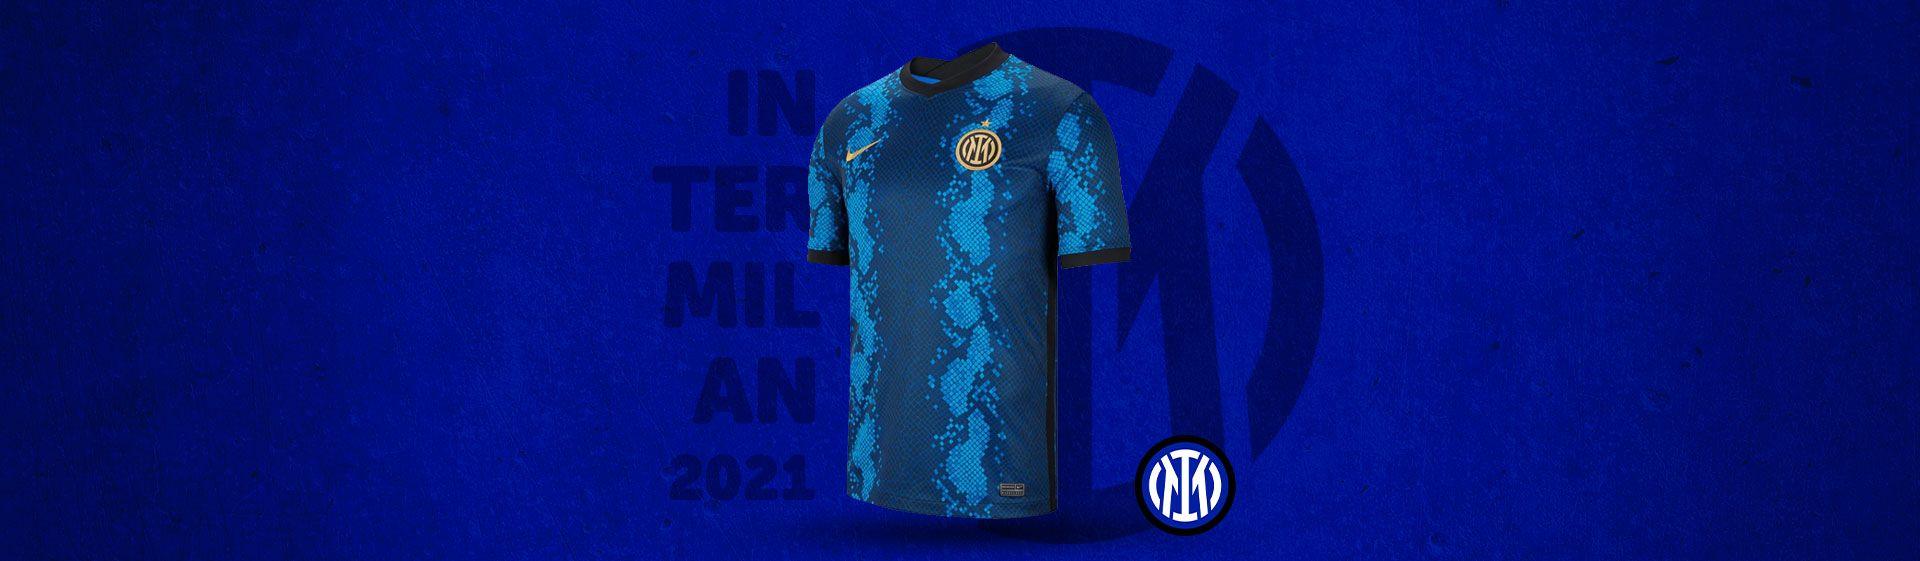 Camisa da Inter de Milão: camisas da Inter de Milão para comprar em 2021